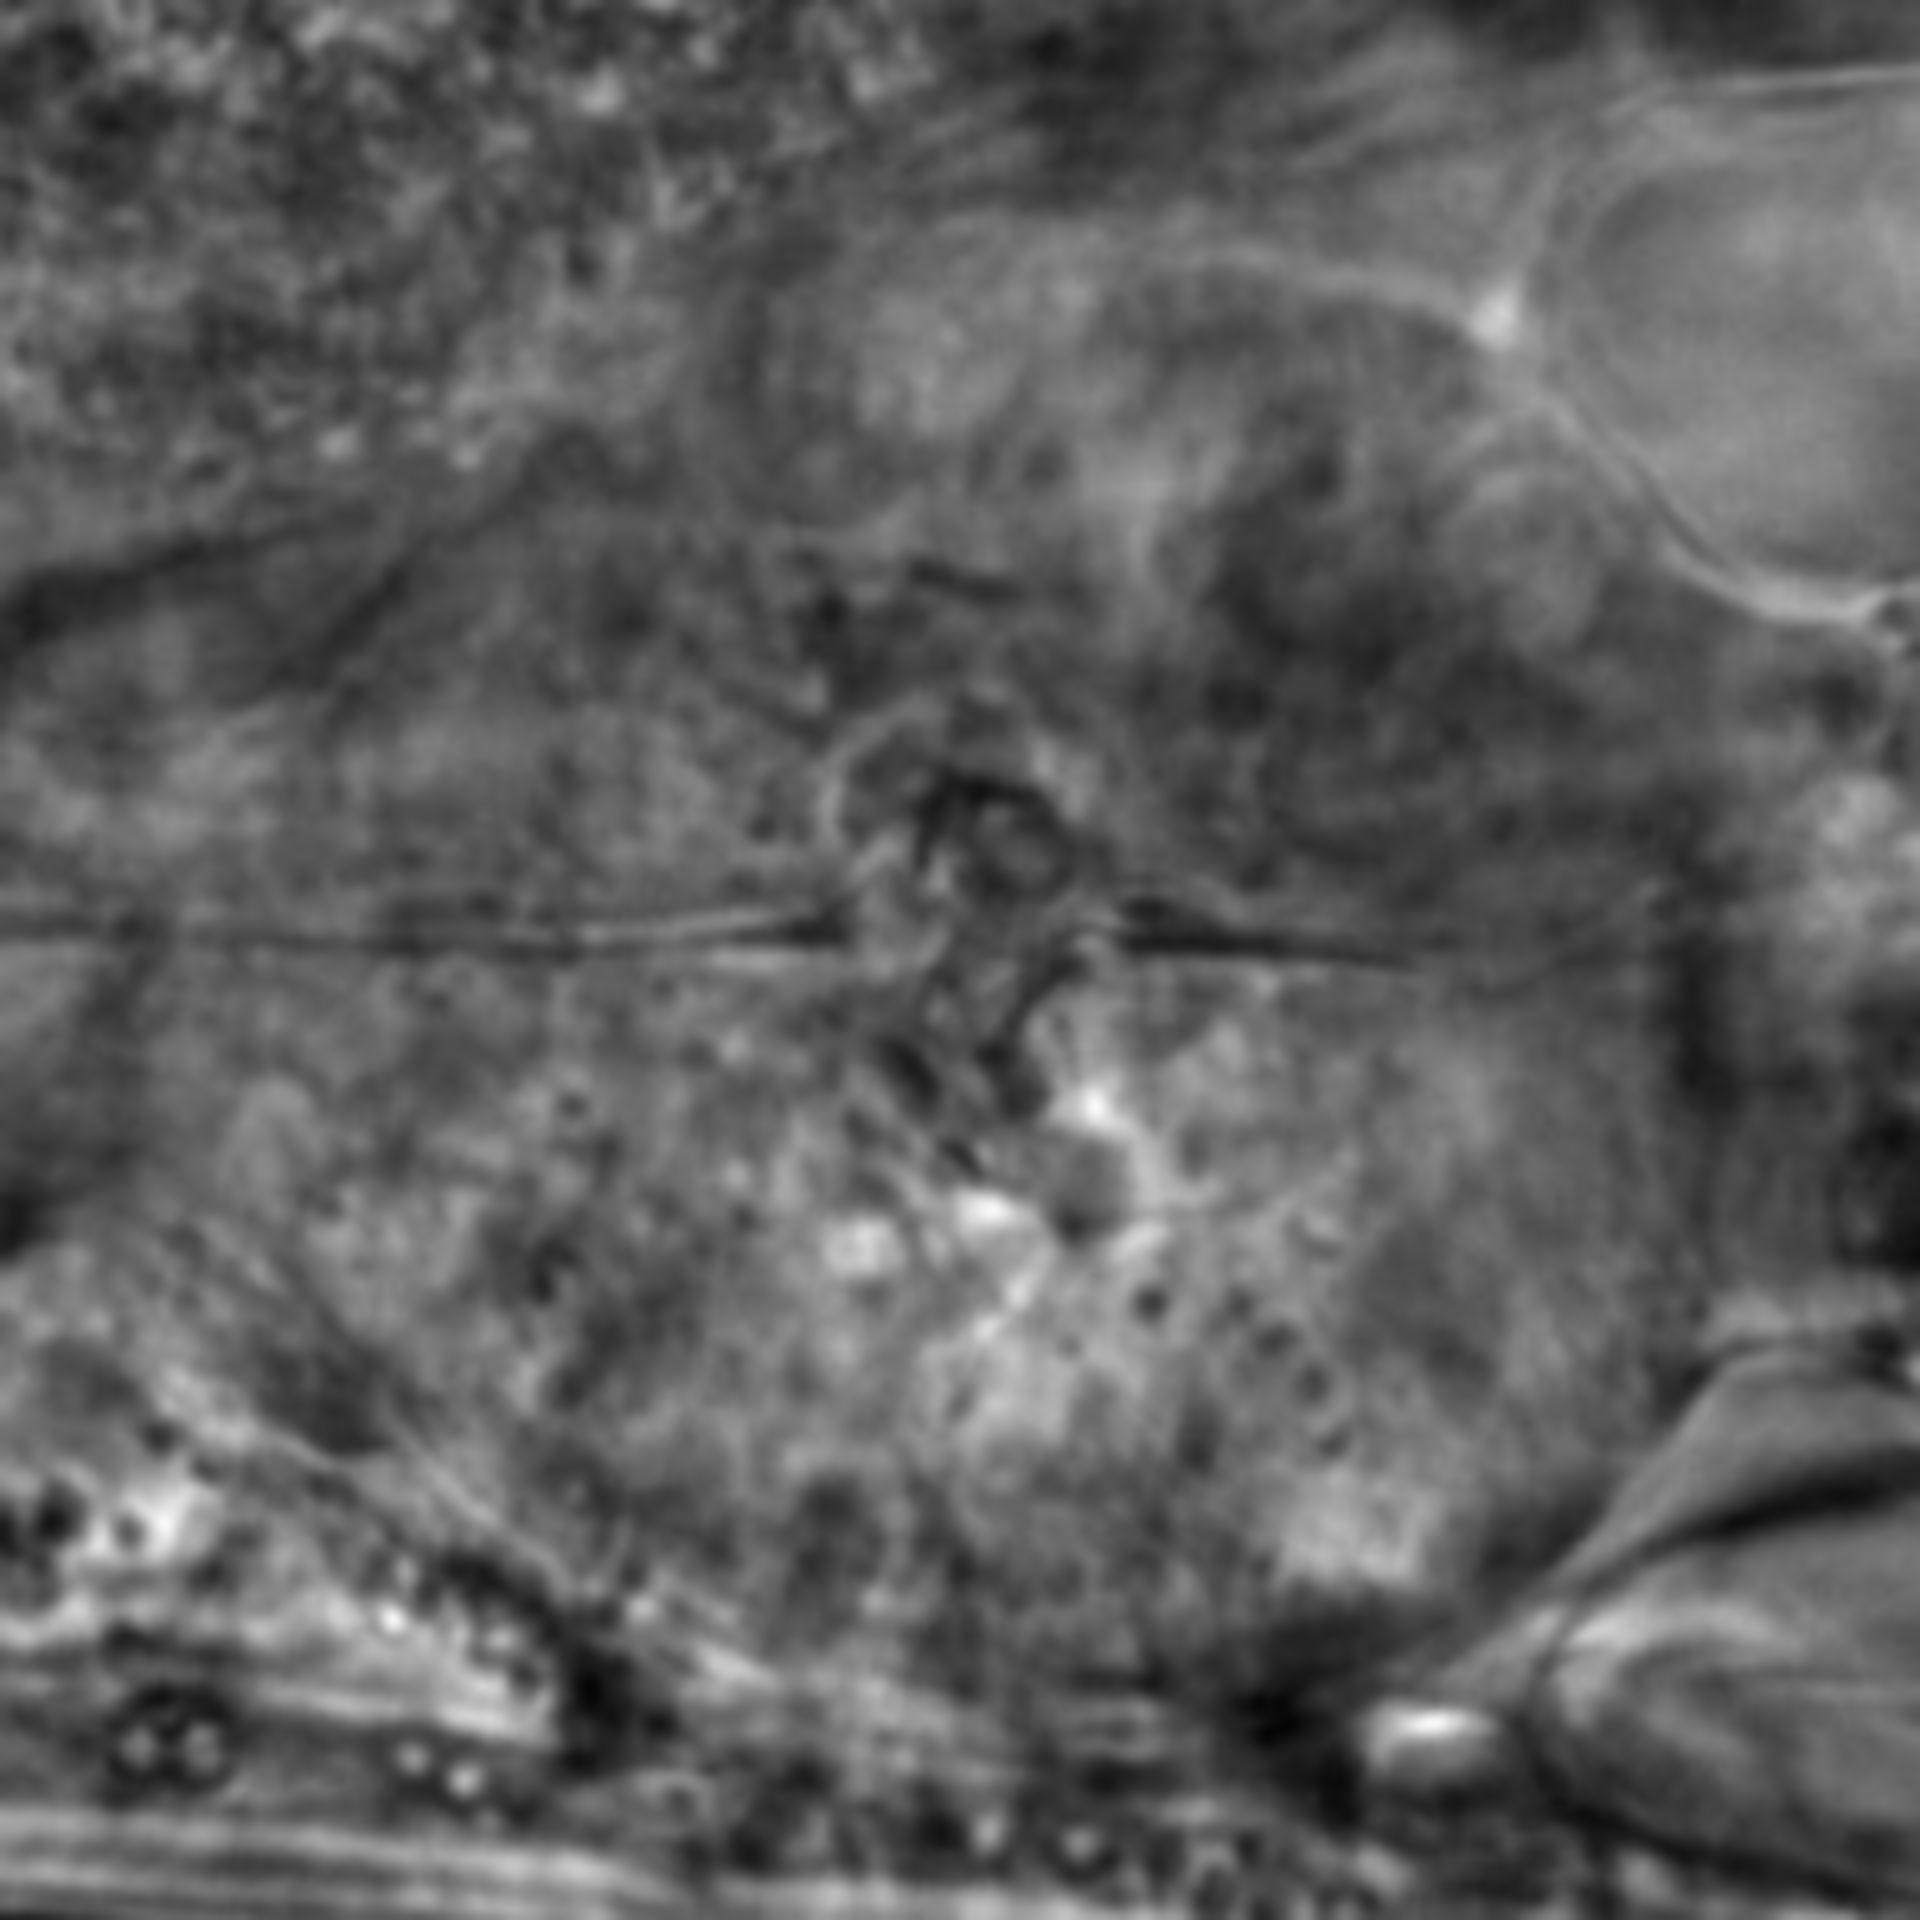 Caenorhabditis elegans - CIL:1912